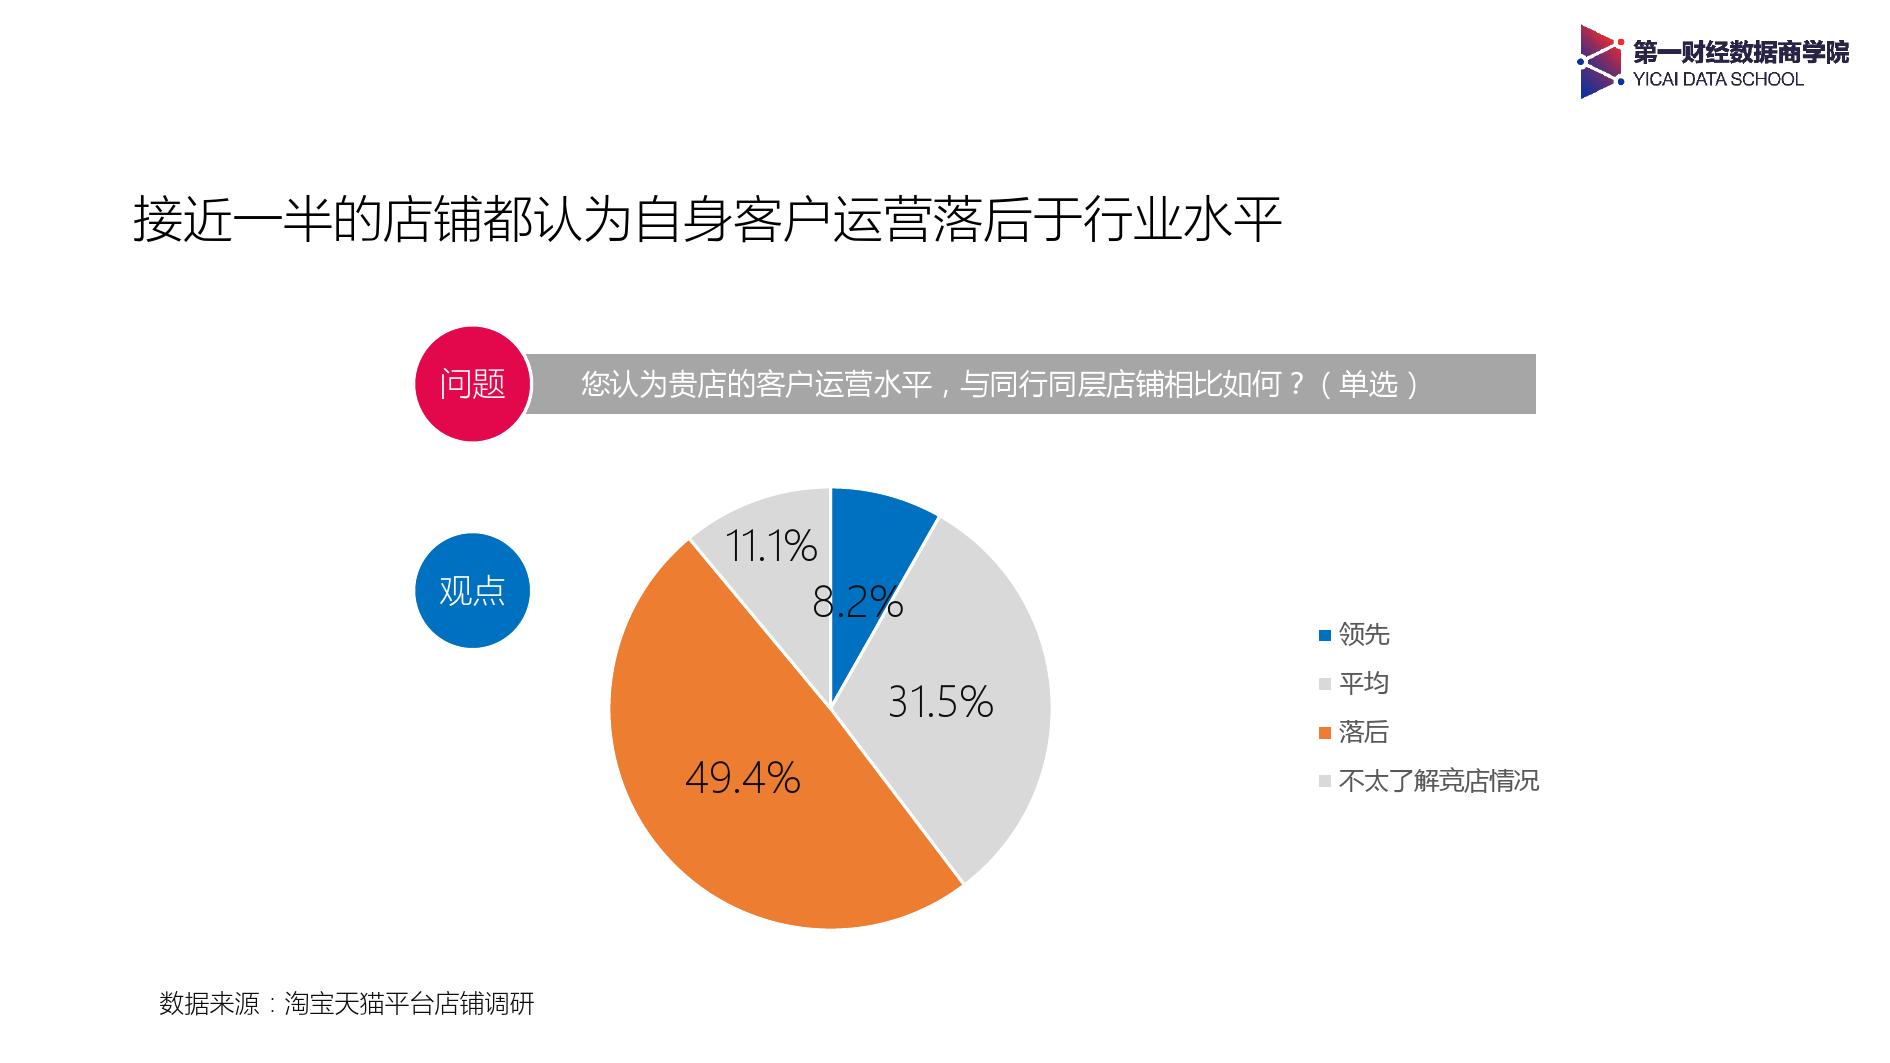 2017年淘系店铺客户运营调研分析报告